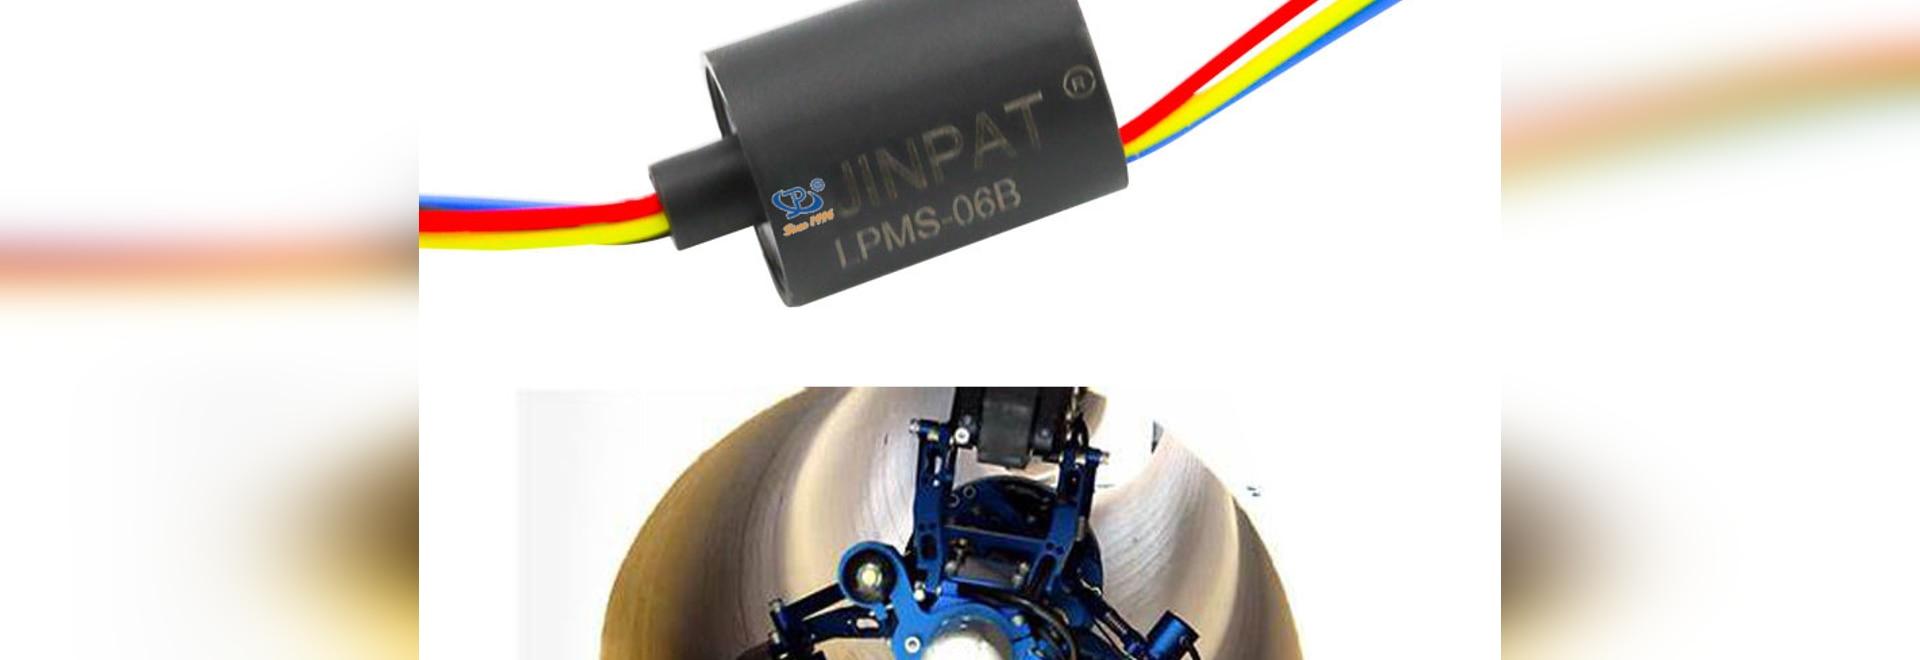 Slip Ring for Pipeline Inspection Robot